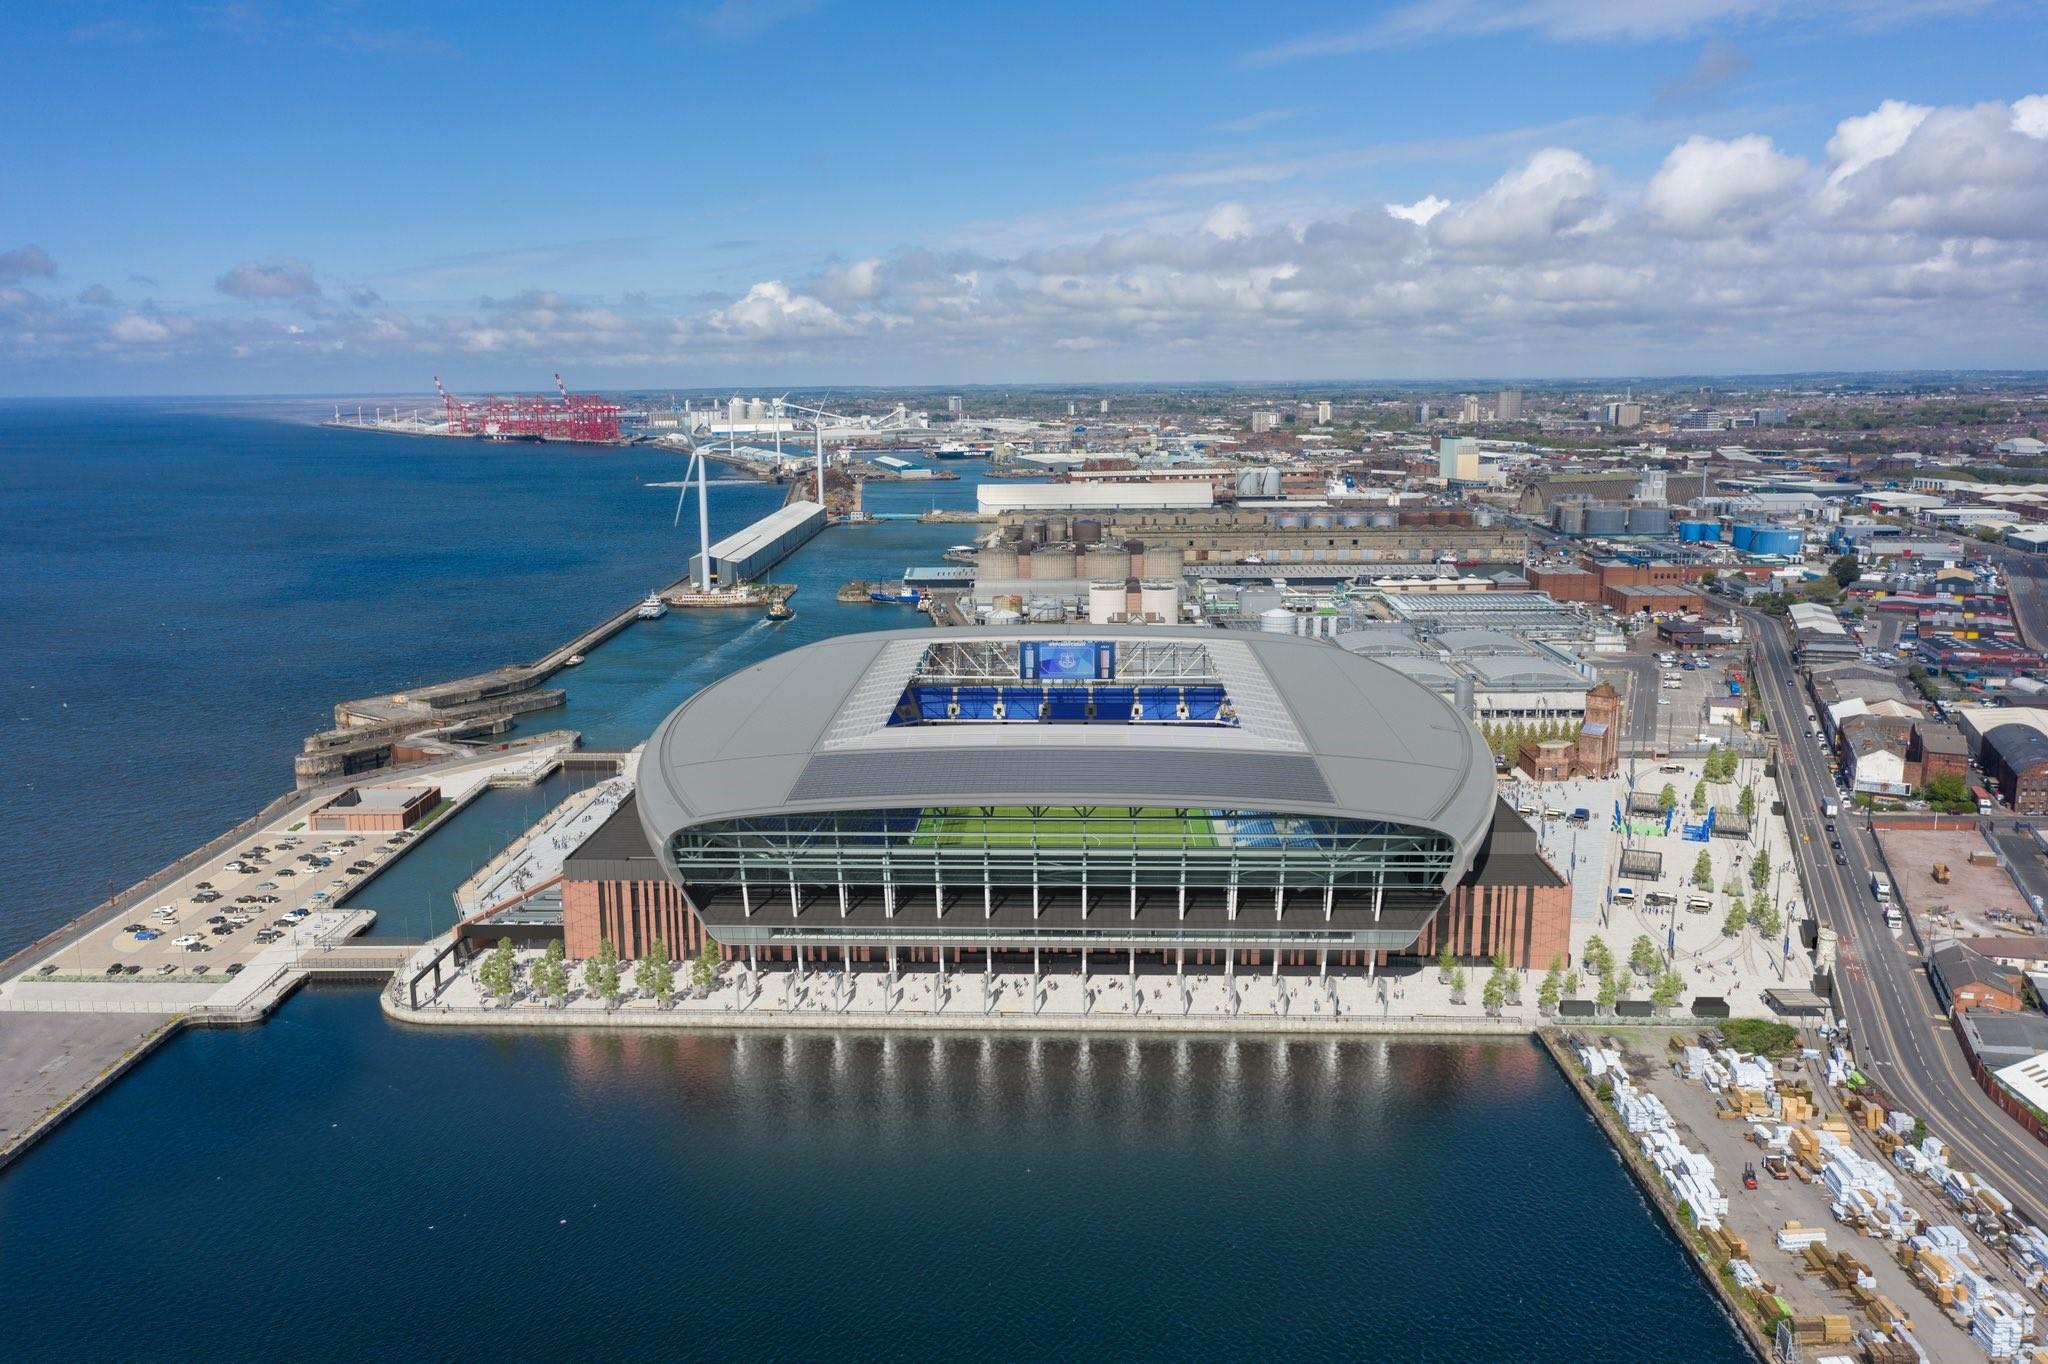 L'Everton avrà un nuovo stadio sul mare per il 2024